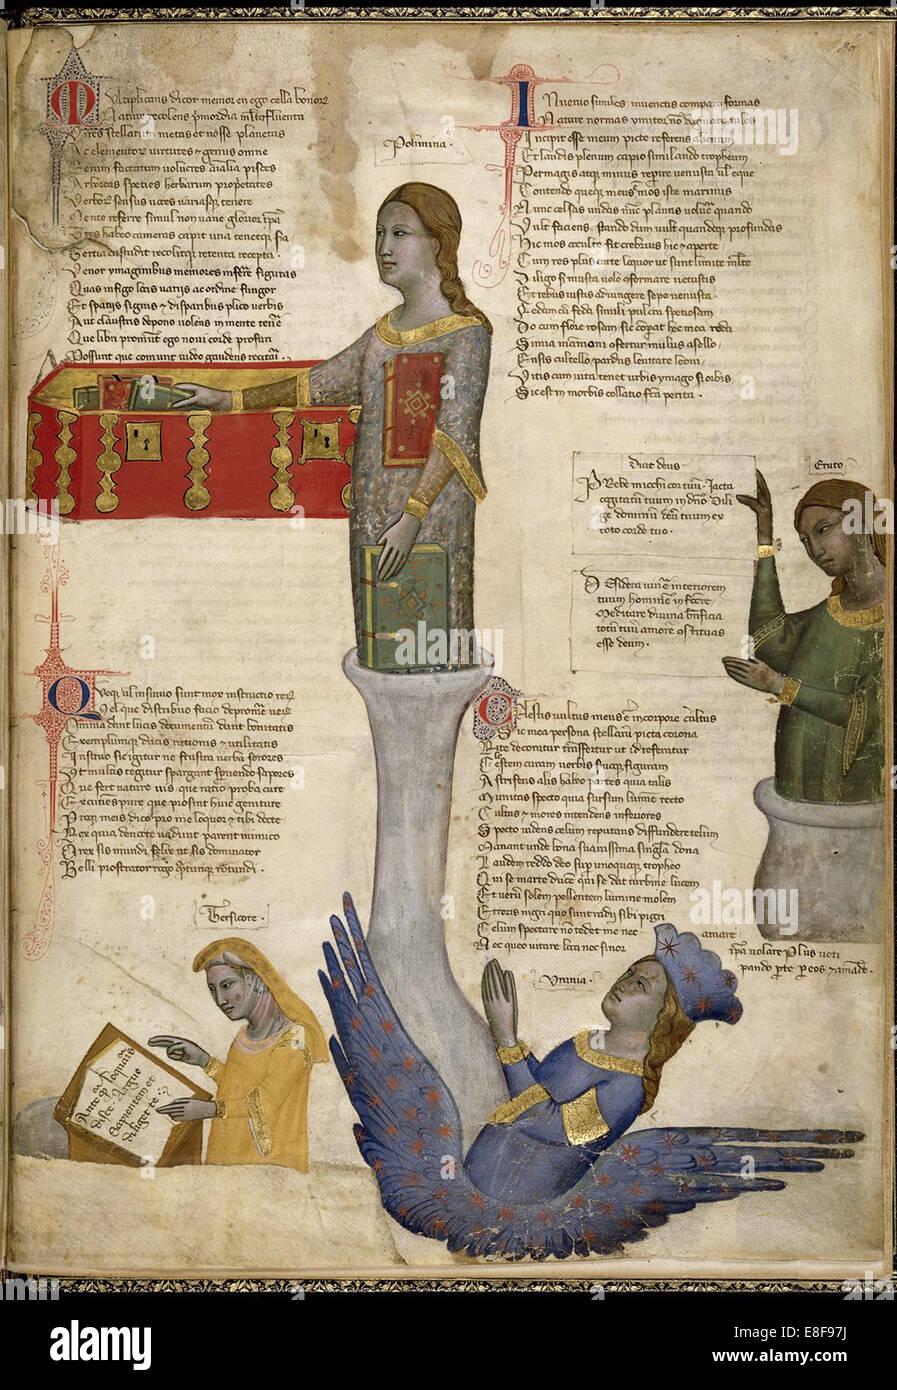 Four Muses (From Regia Carmina by Convenevole da Prato). Artist: Pacino di Buonaguida (active 1302-1343) Stock Photo